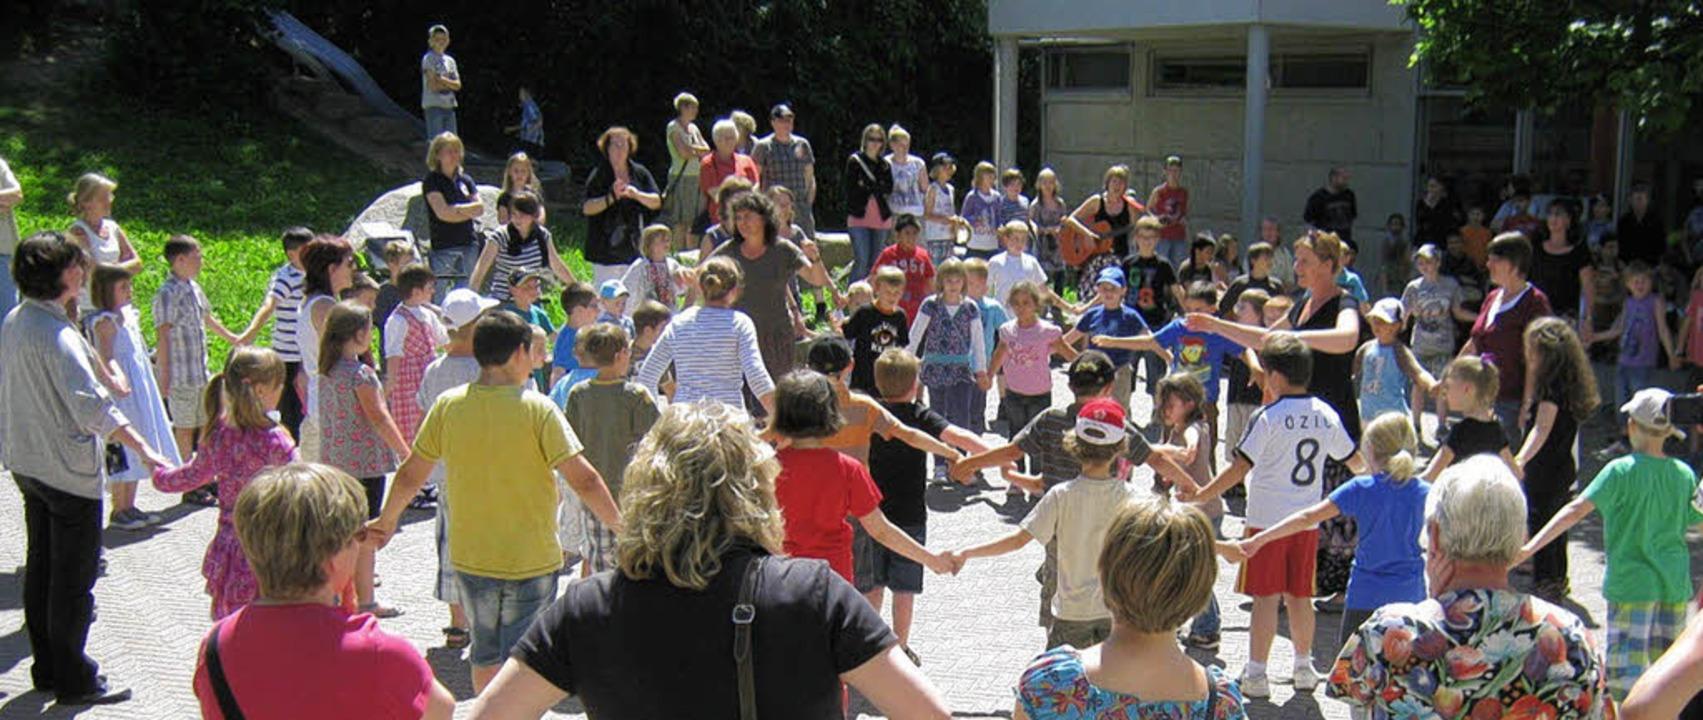 Viel los war beim Schulfest des Förderzentrums.     Foto: Lehmann